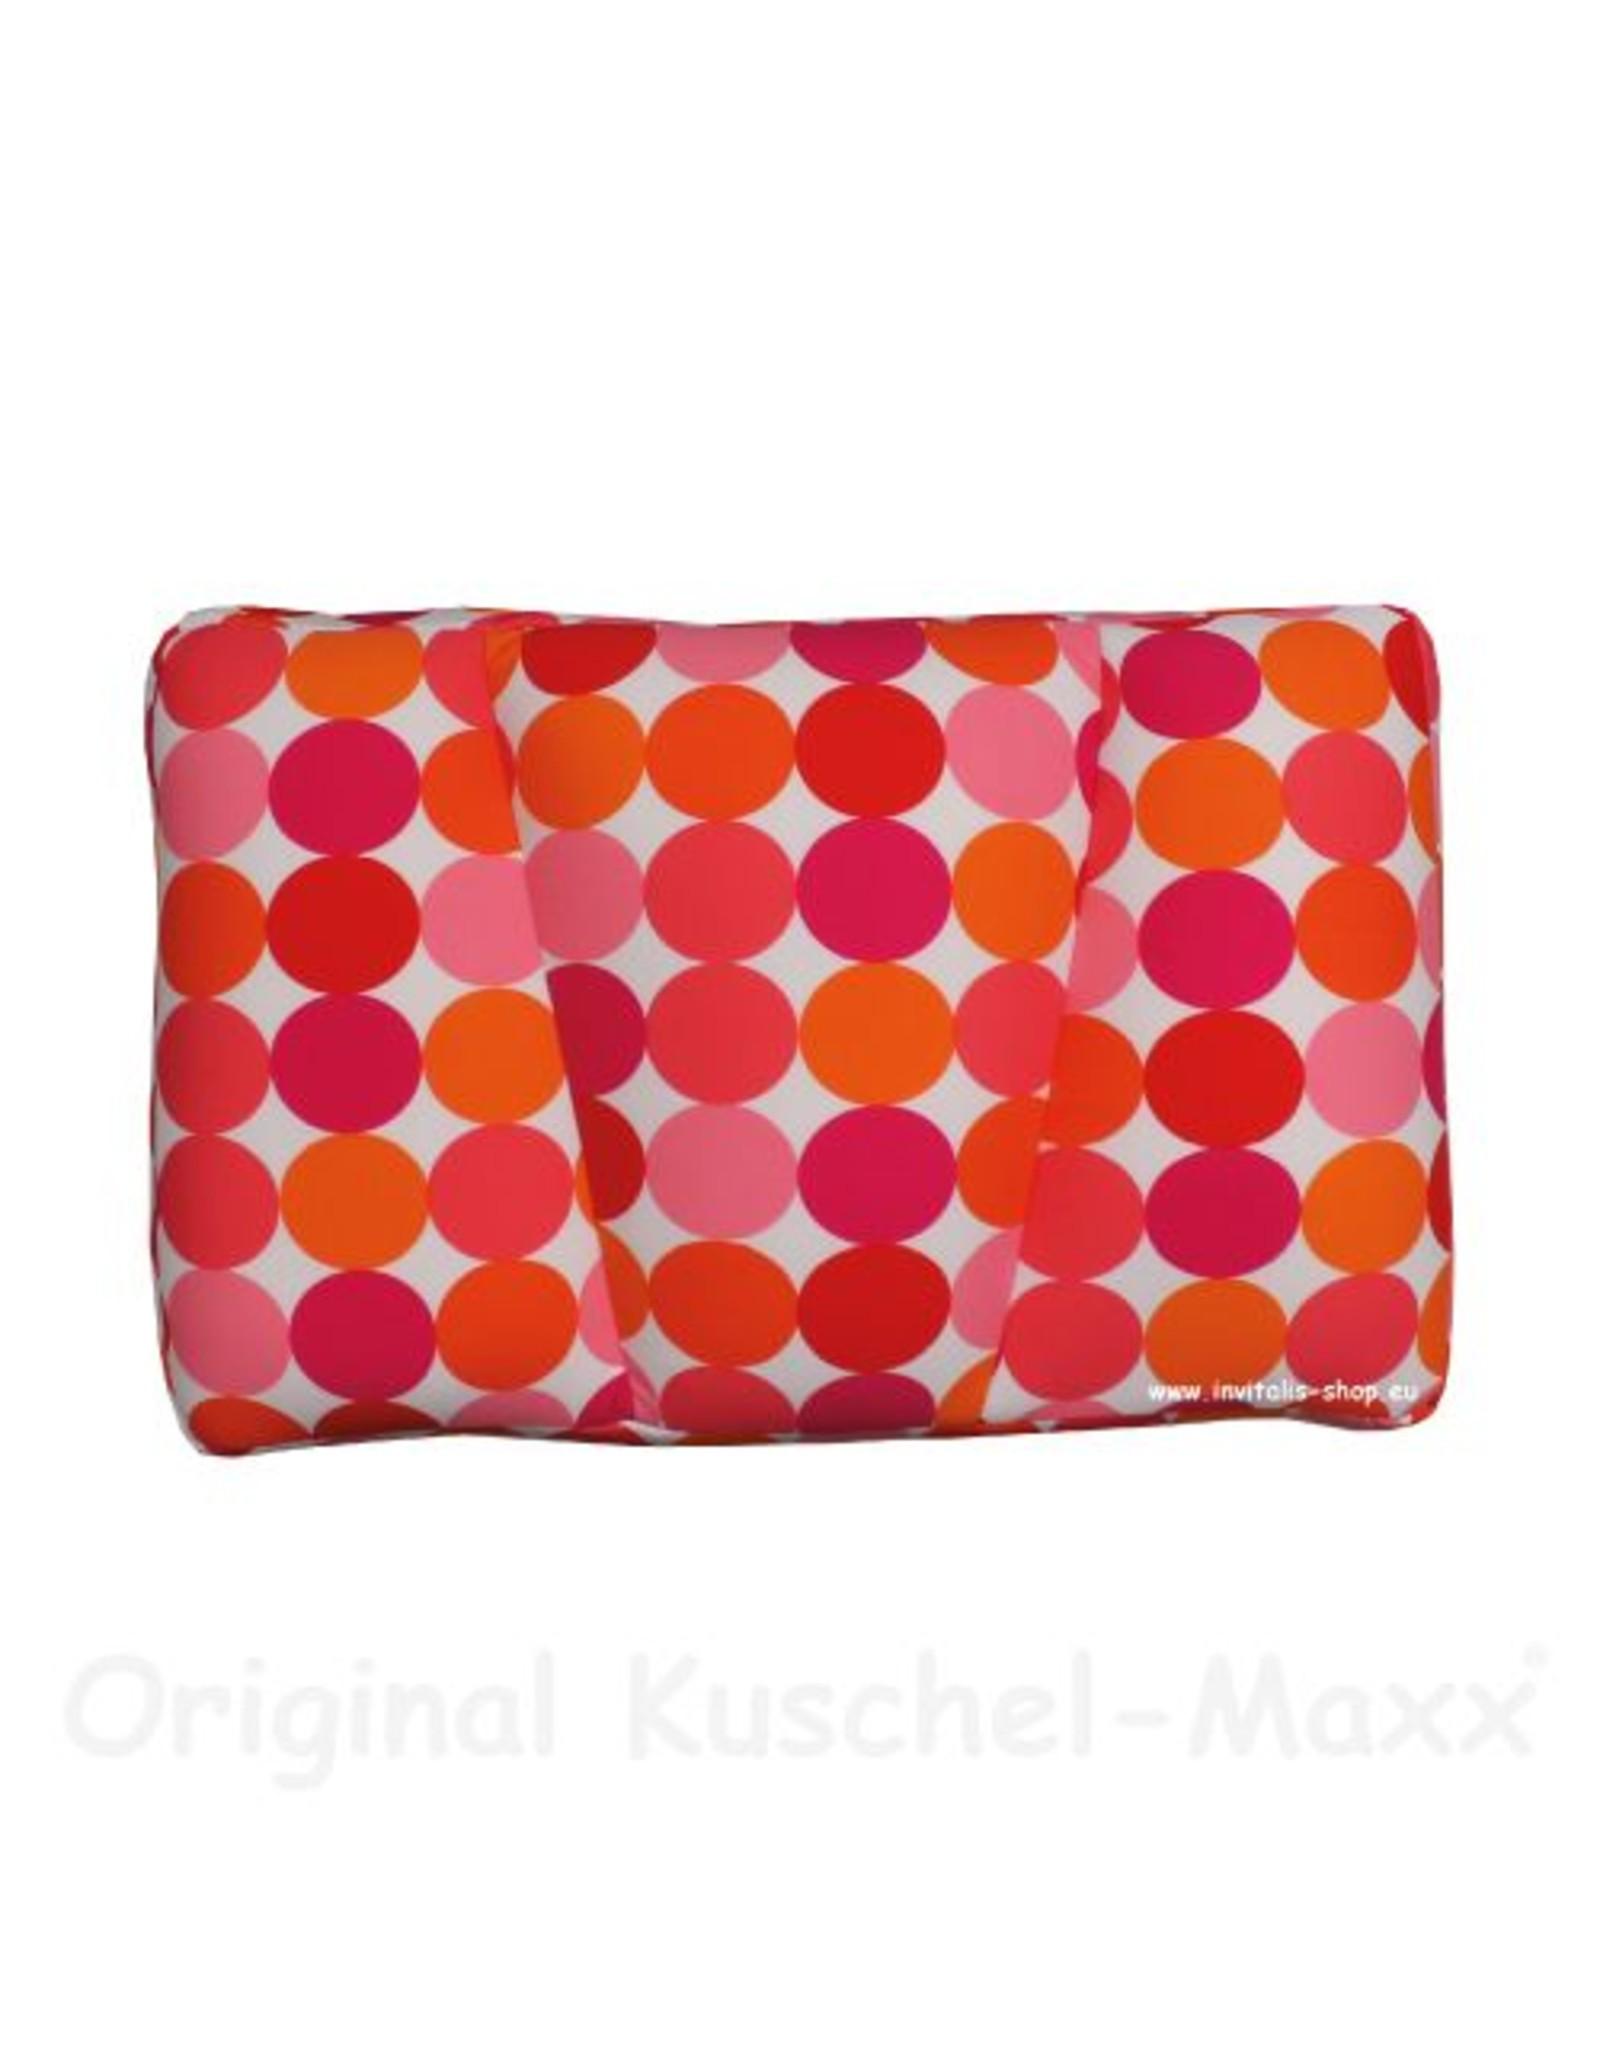 Kuschel-Maxx Kuschel-Maxx - Schlafkissen Punkte Orange